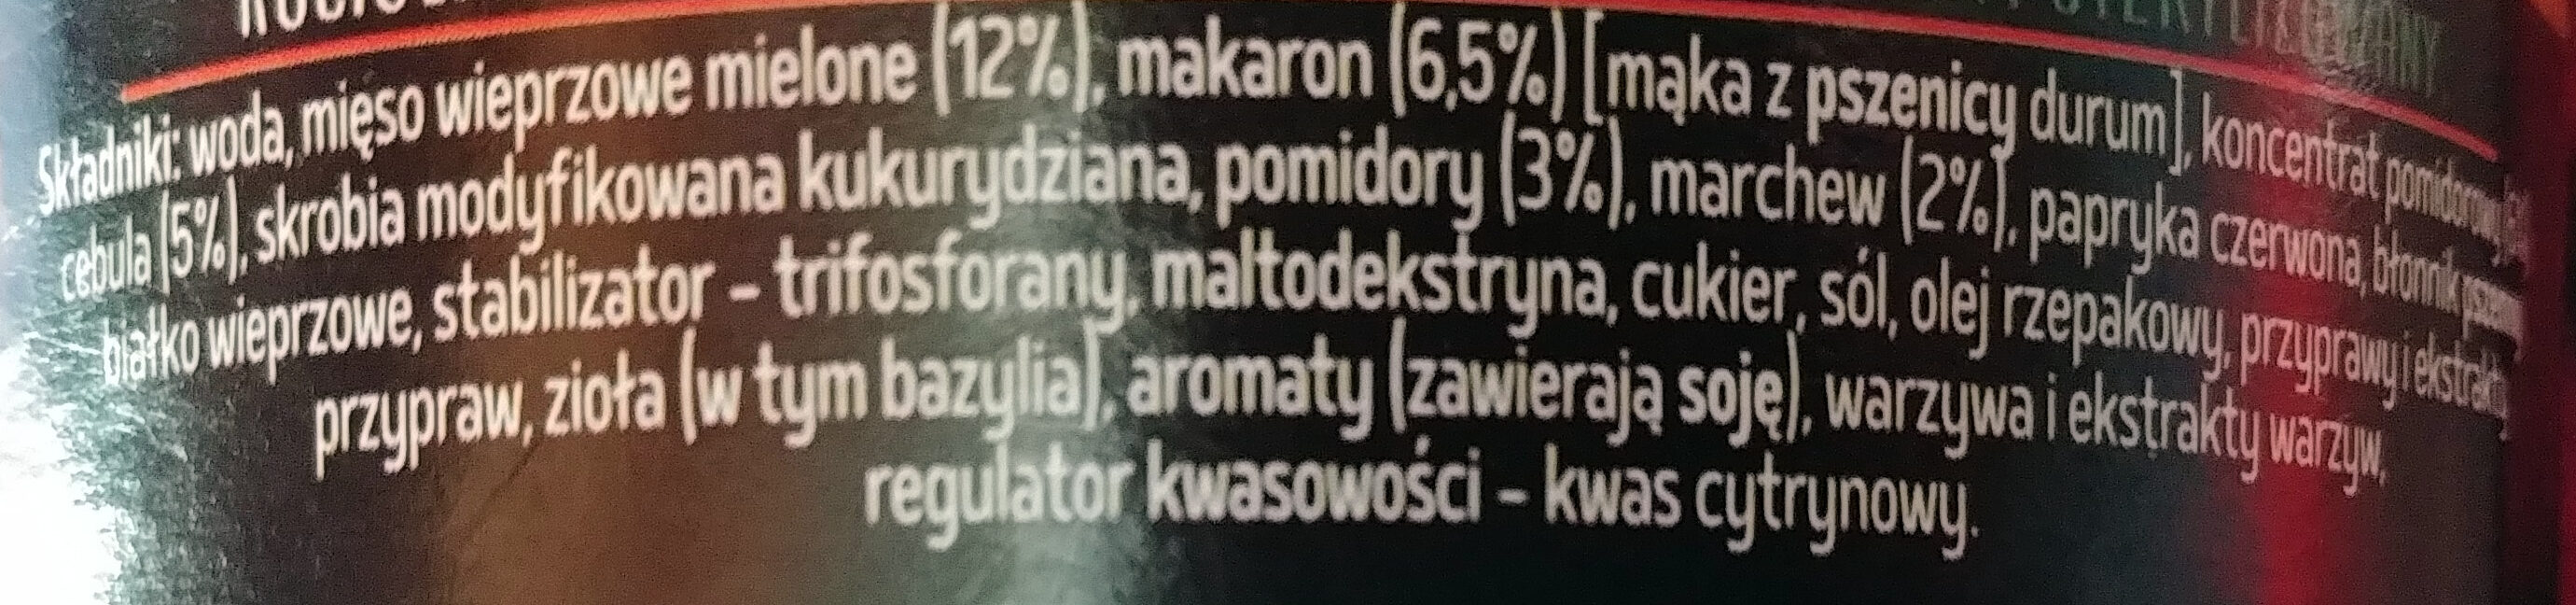 Kociołek Boloński - Składniki - pl